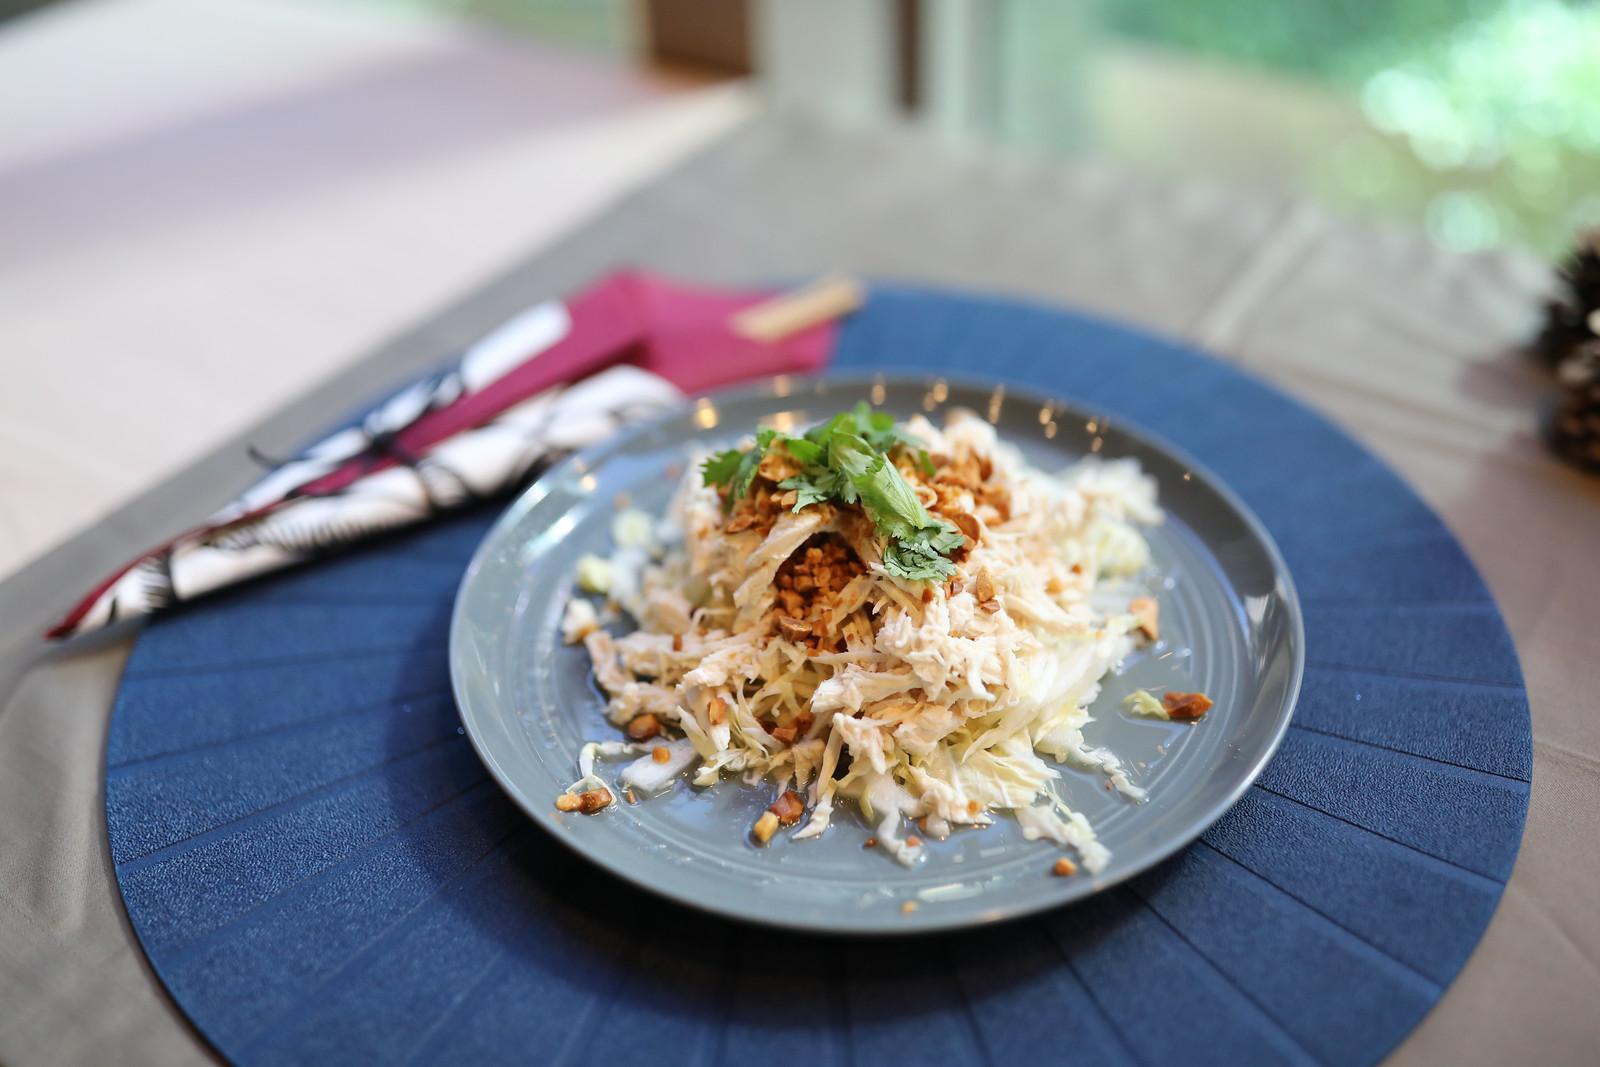 【magimix】蔬果備料快速完工,保證食材最佳鮮度